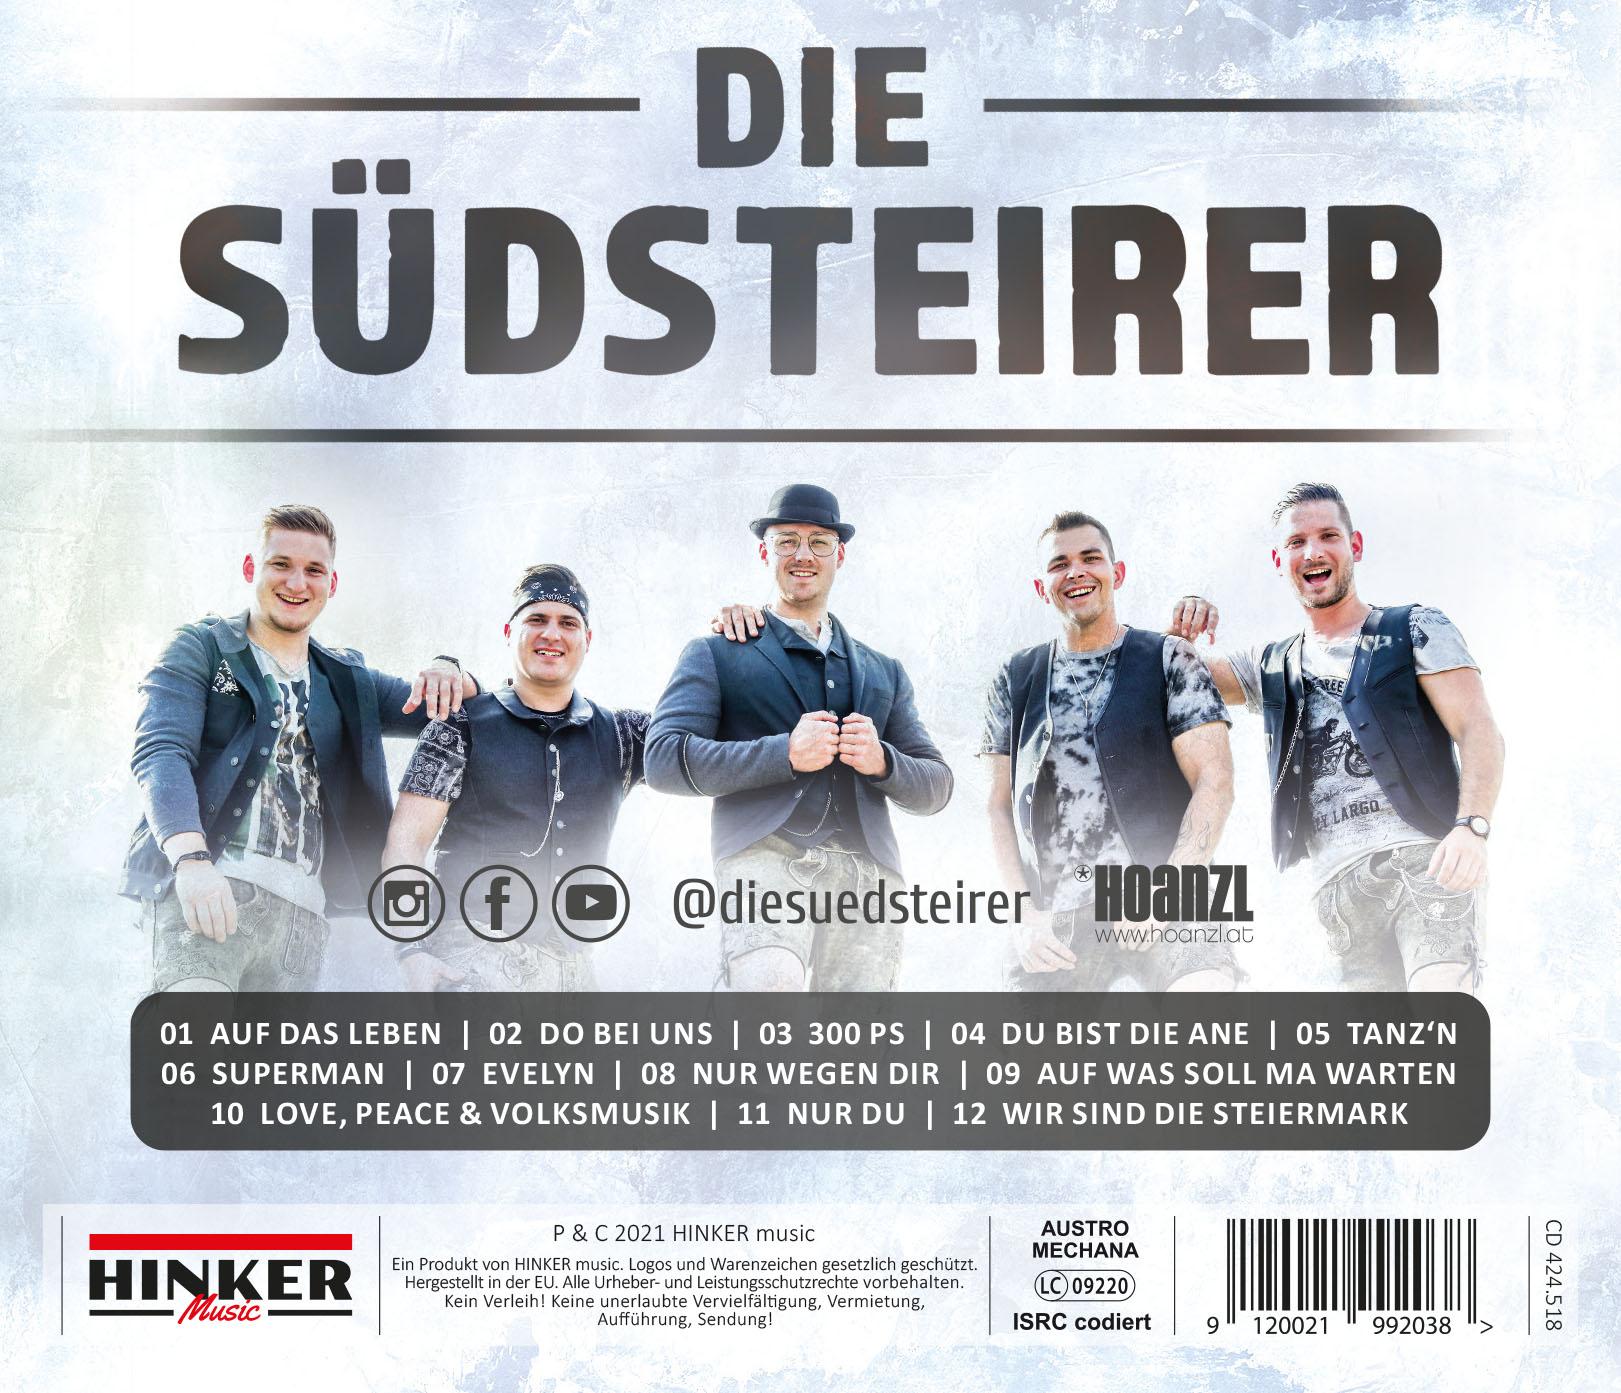 CD - Auf das Leben